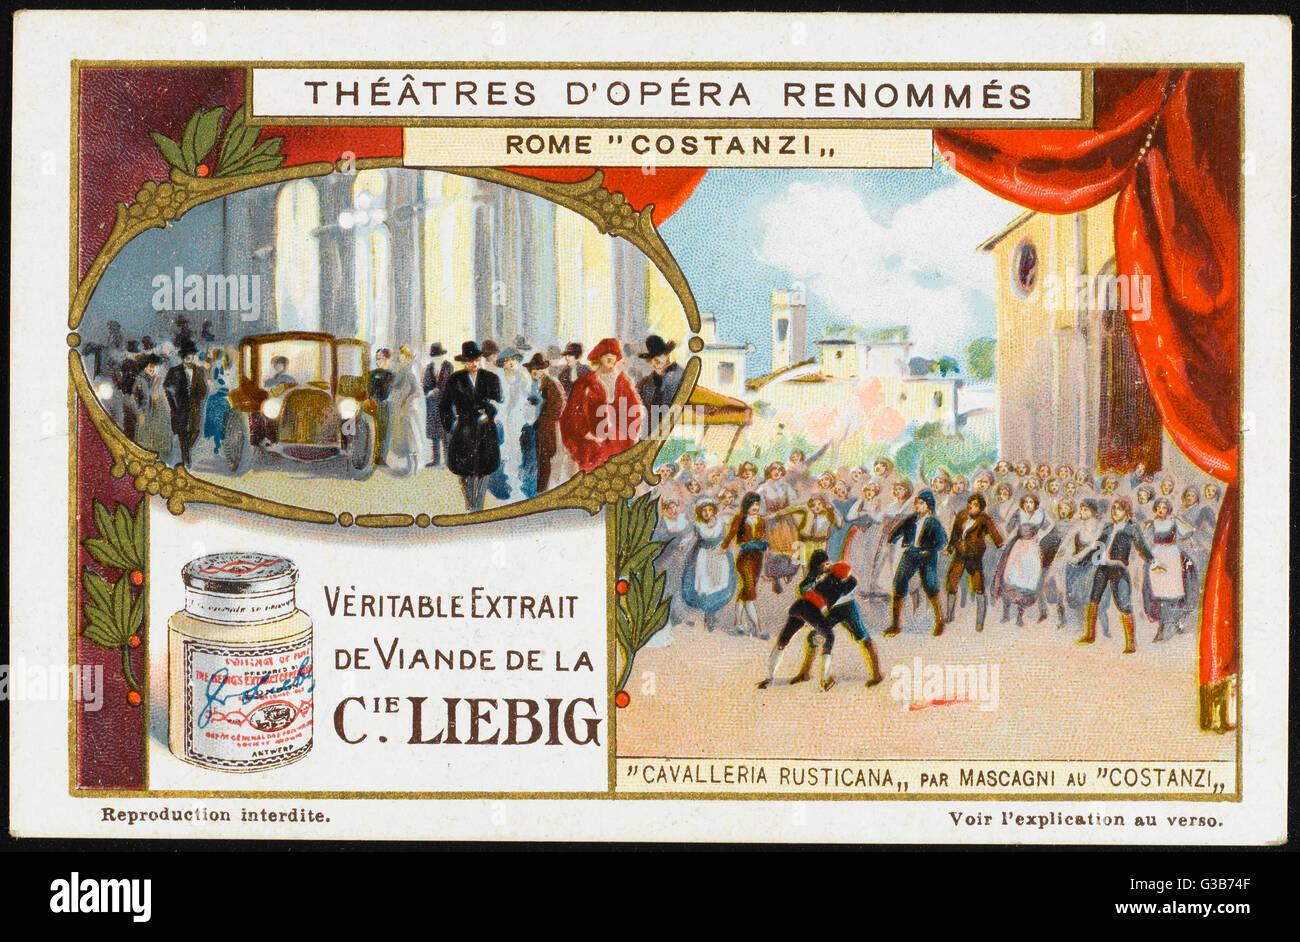 Sesenta candilejas saludar a la primera producción en el Teatro Costanzi, Roma - un éxito rotundo que Imagen De Stock